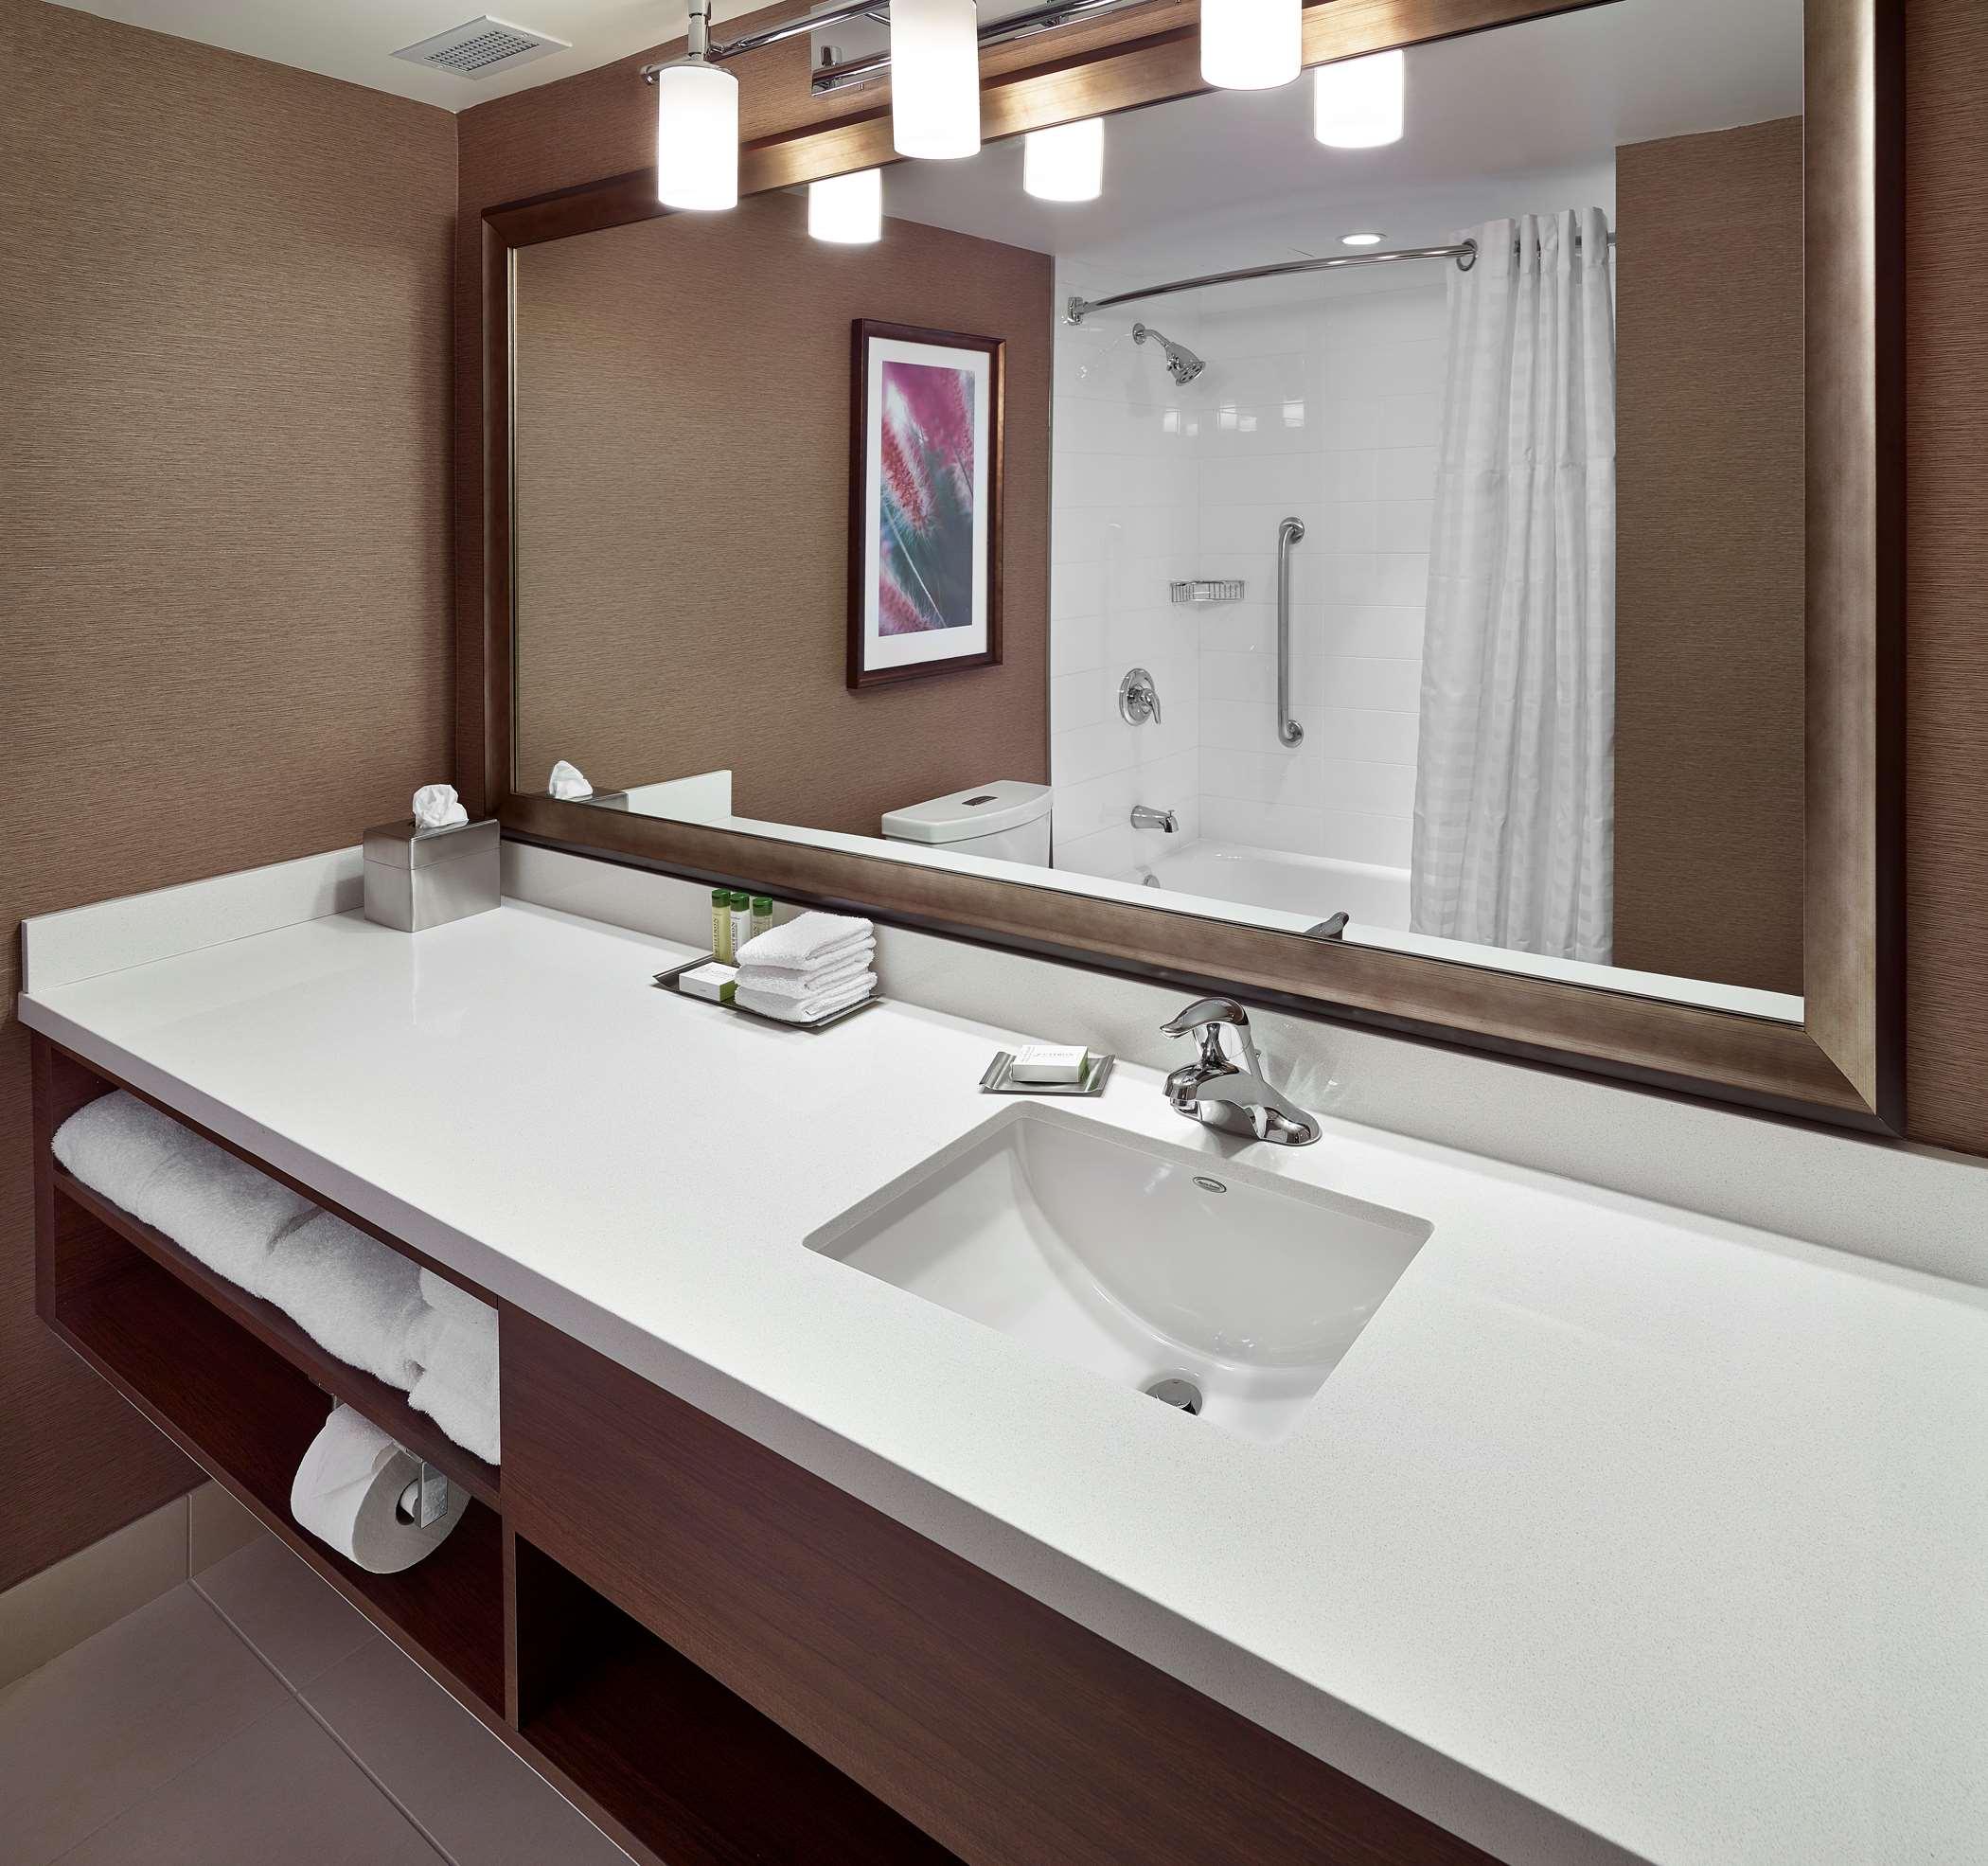 DoubleTree by Hilton Hotel West Edmonton in Edmonton: Guest room